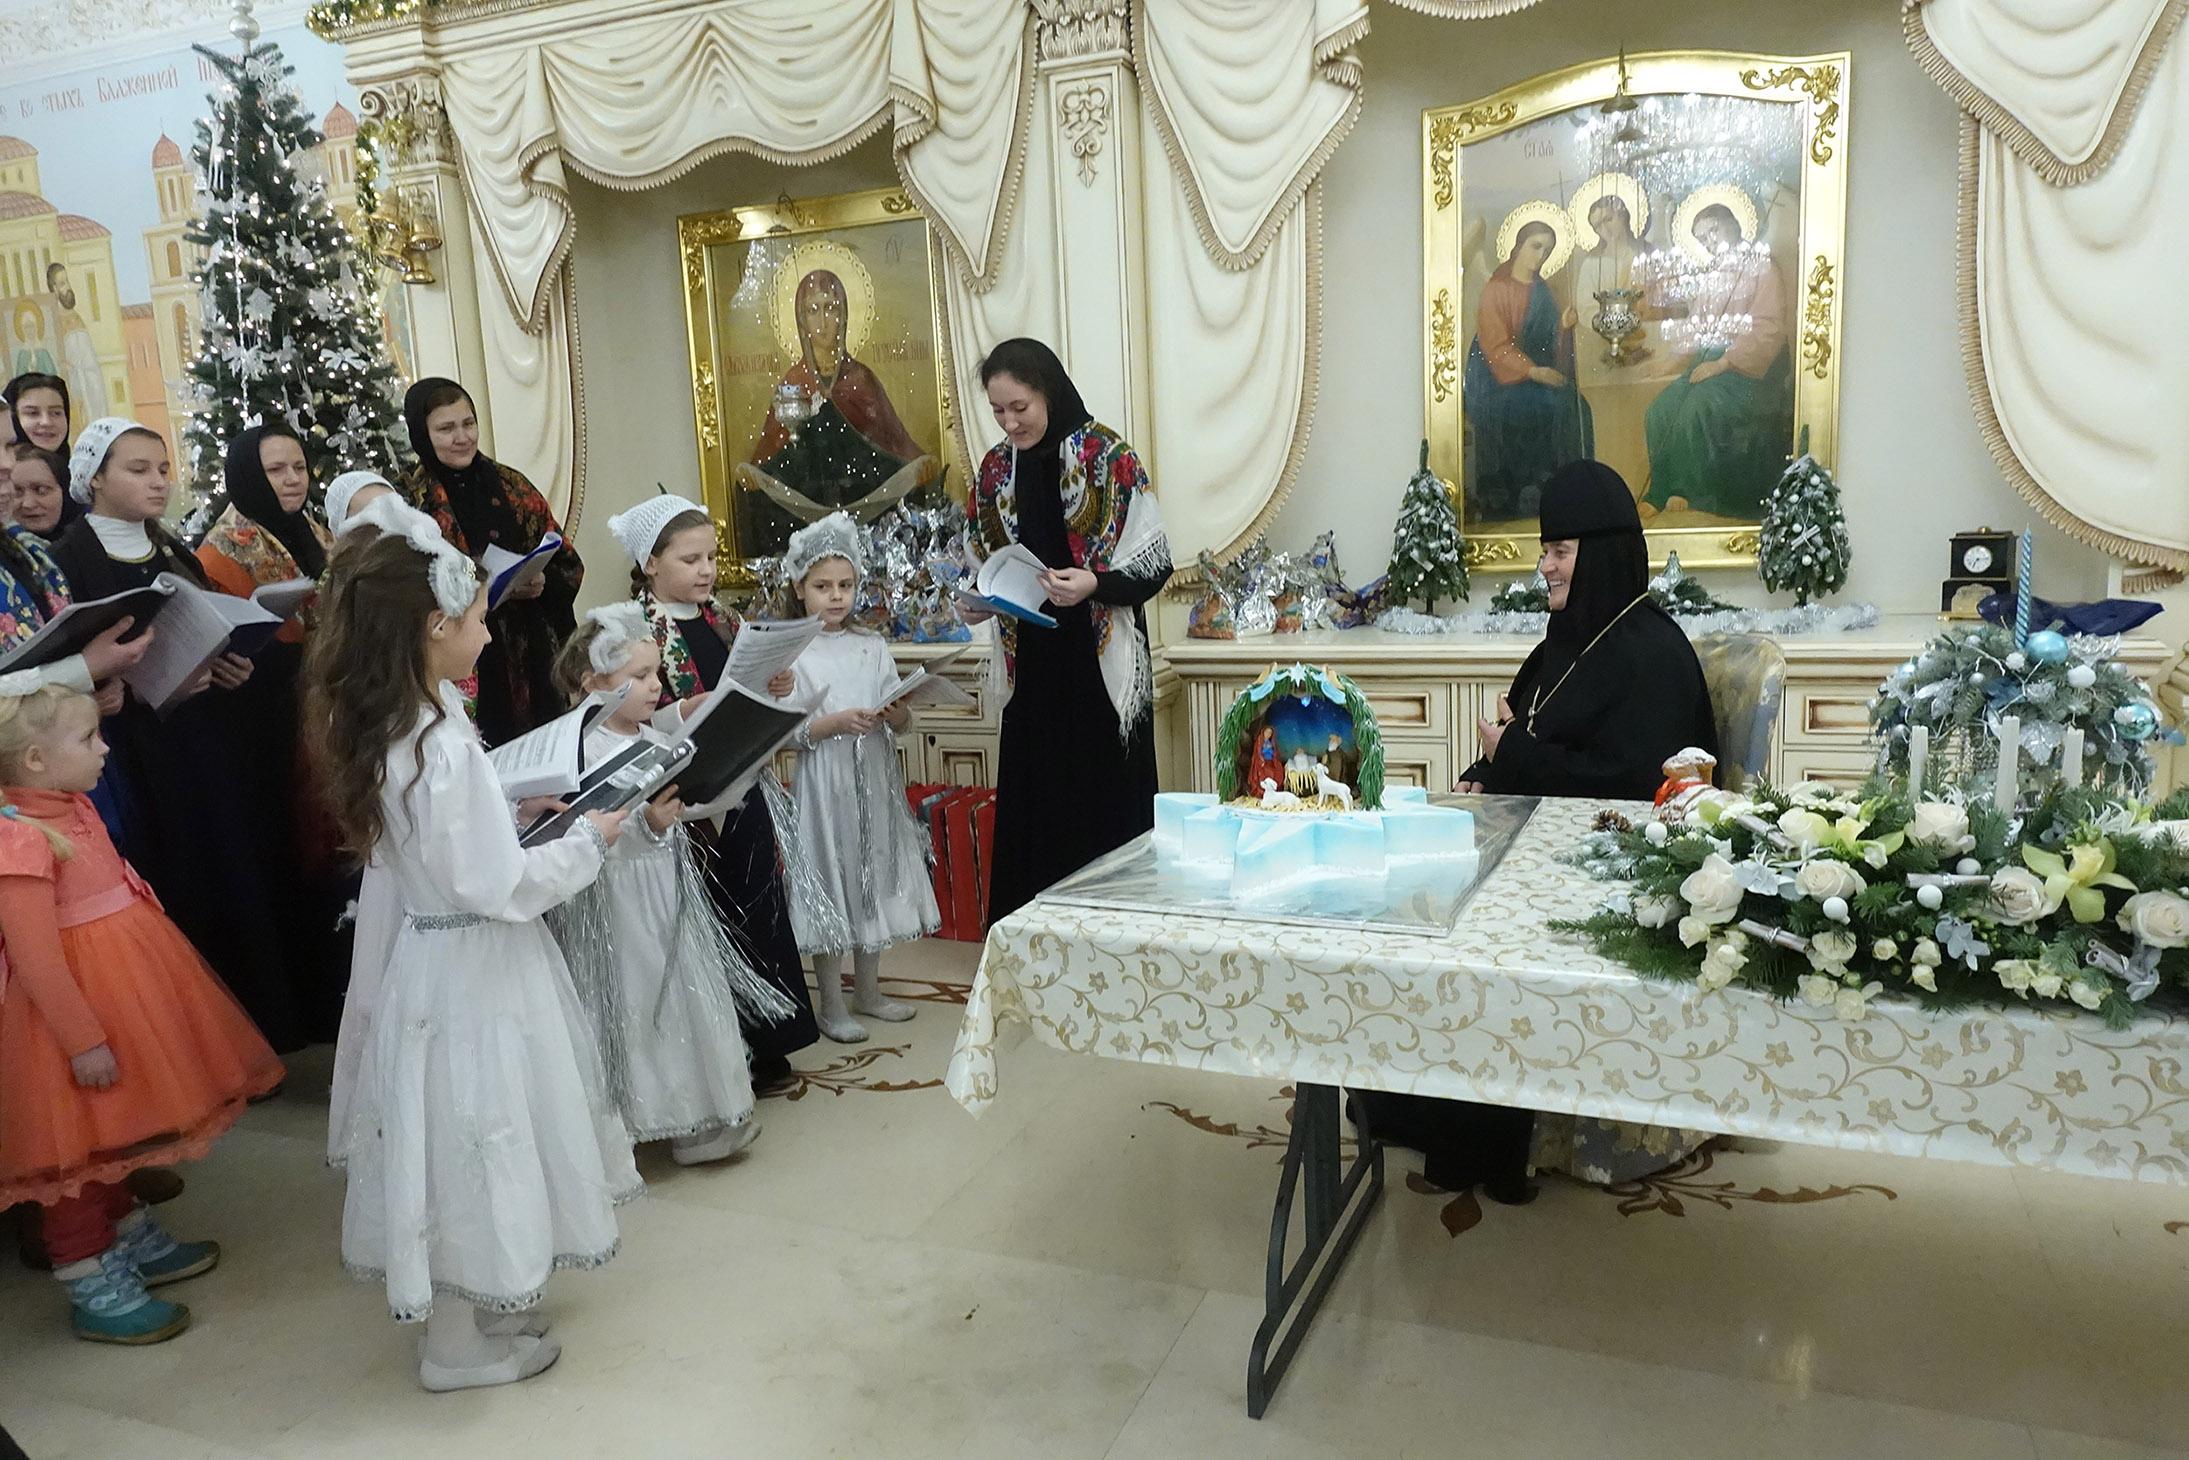 Прославление Родившегося Спасителя и рождественские колядки